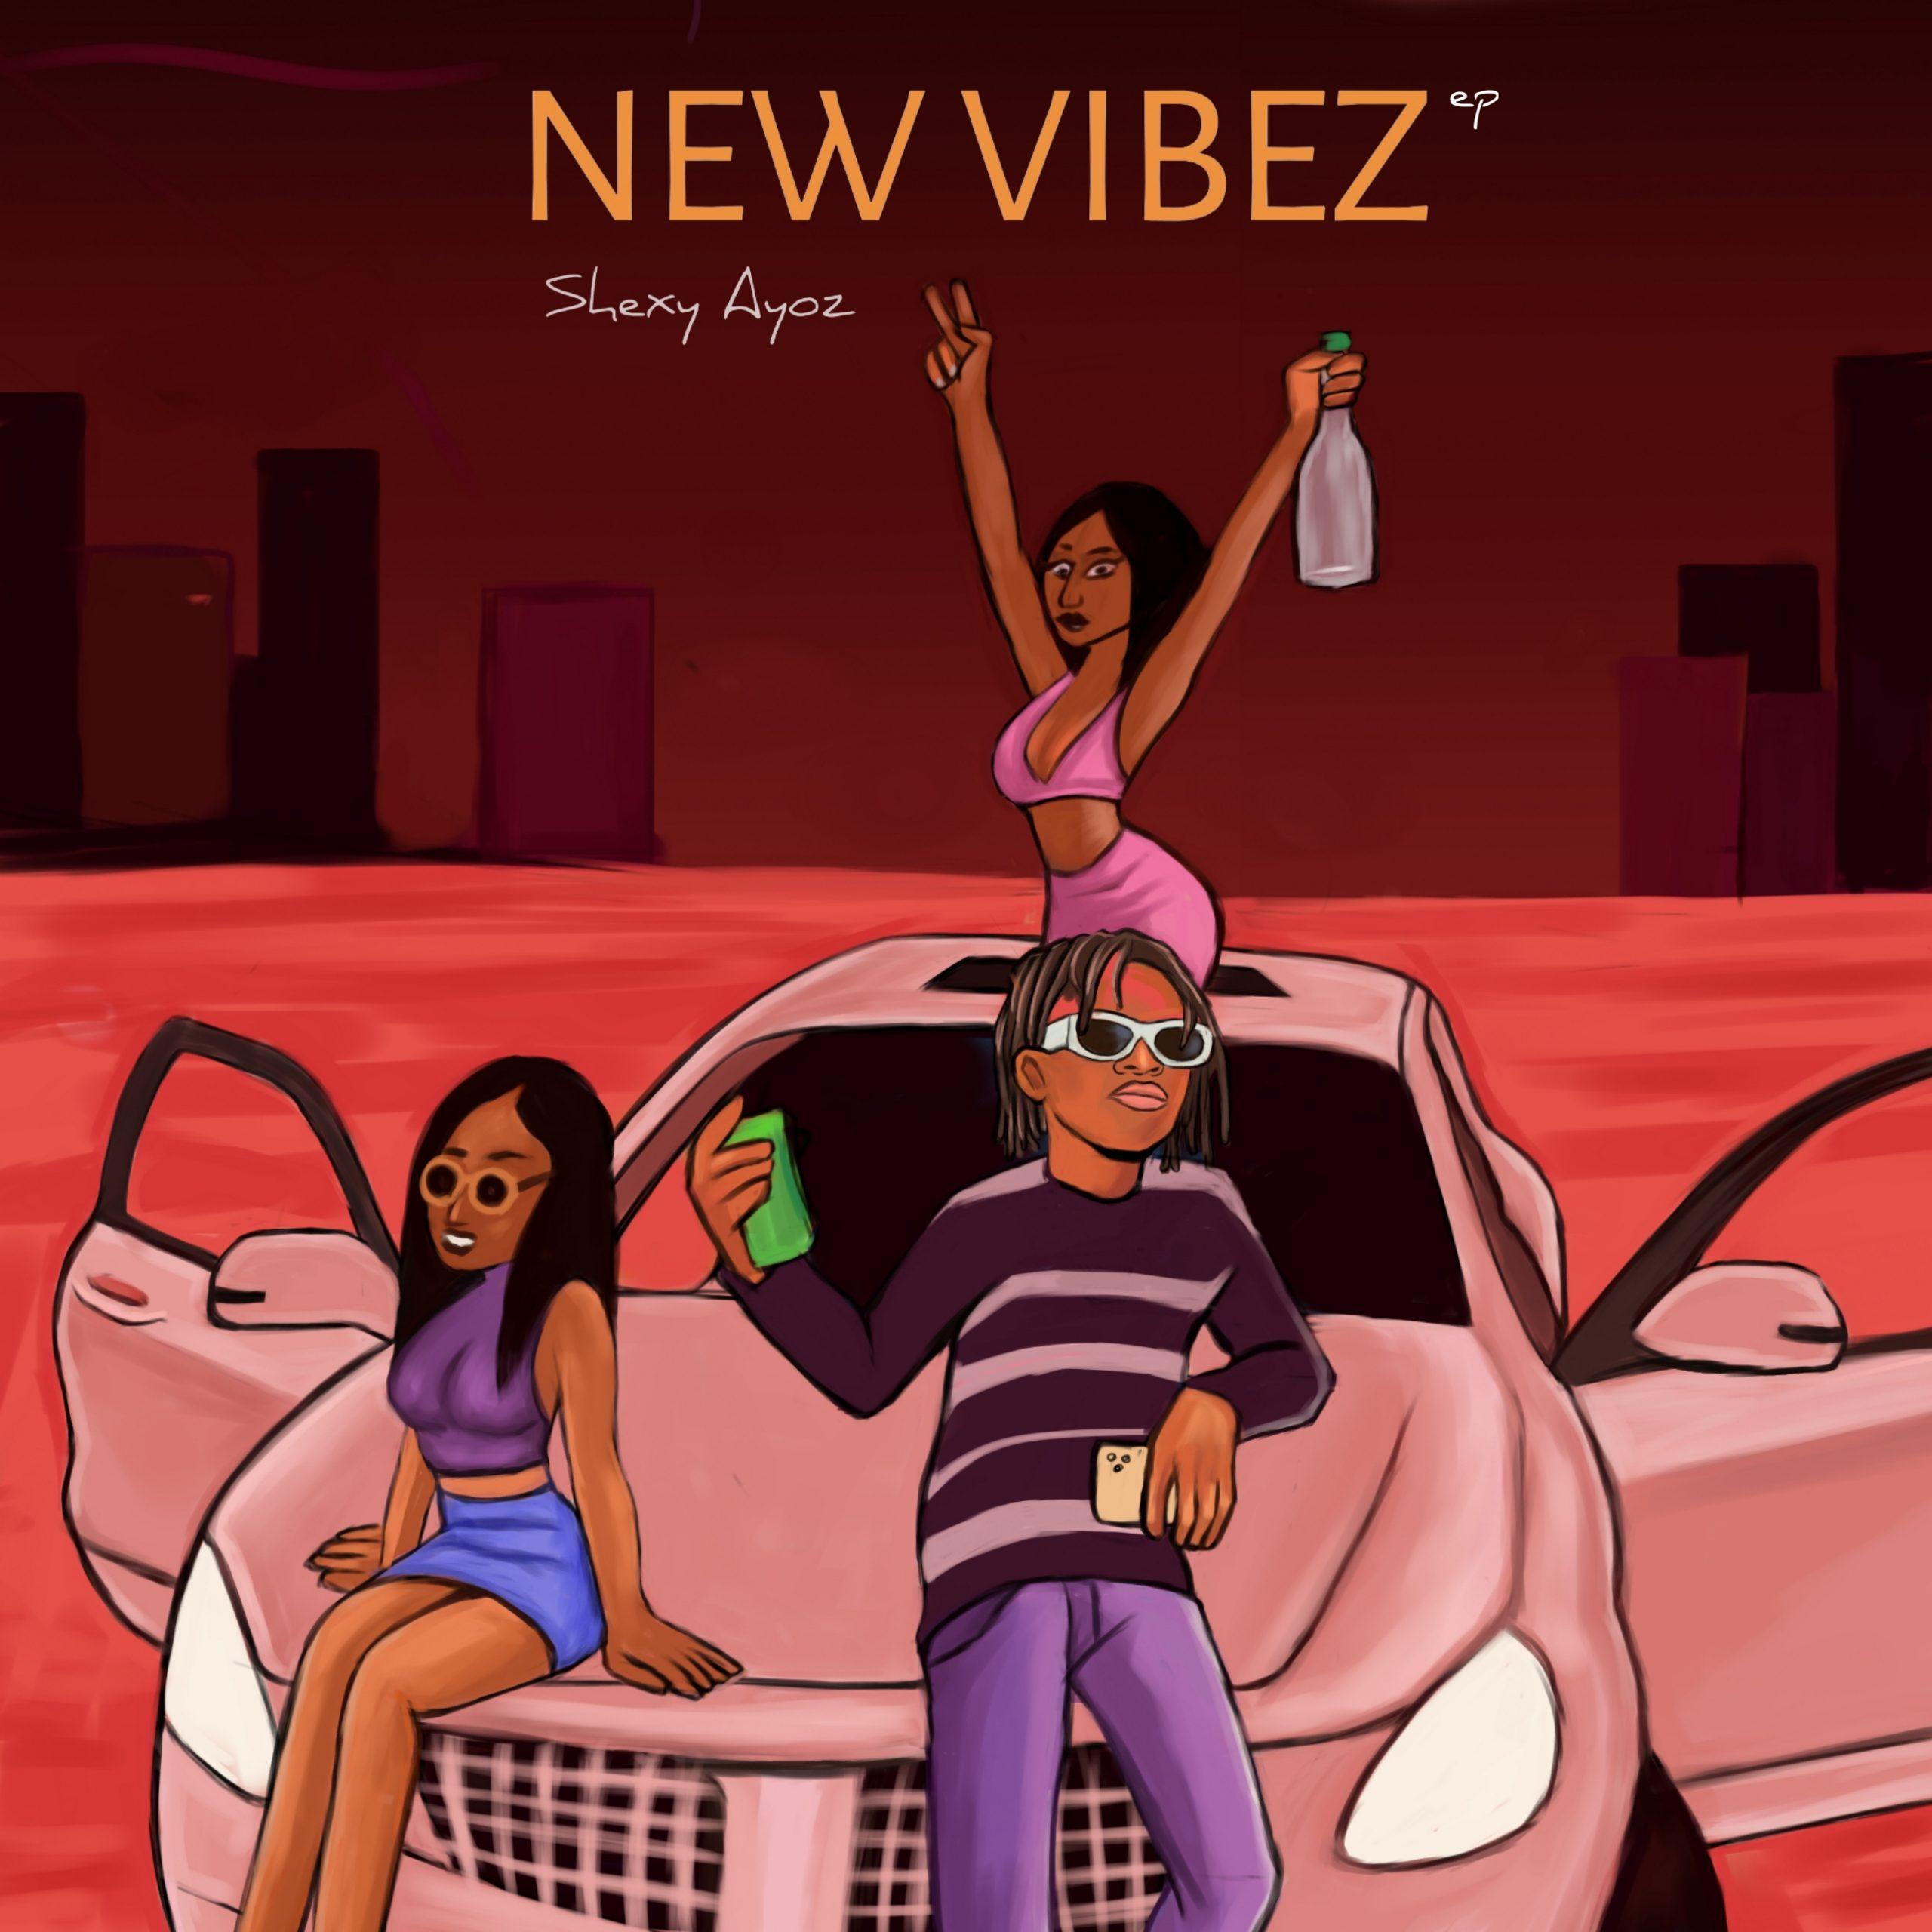 New Vibez by Shexy Ayoz